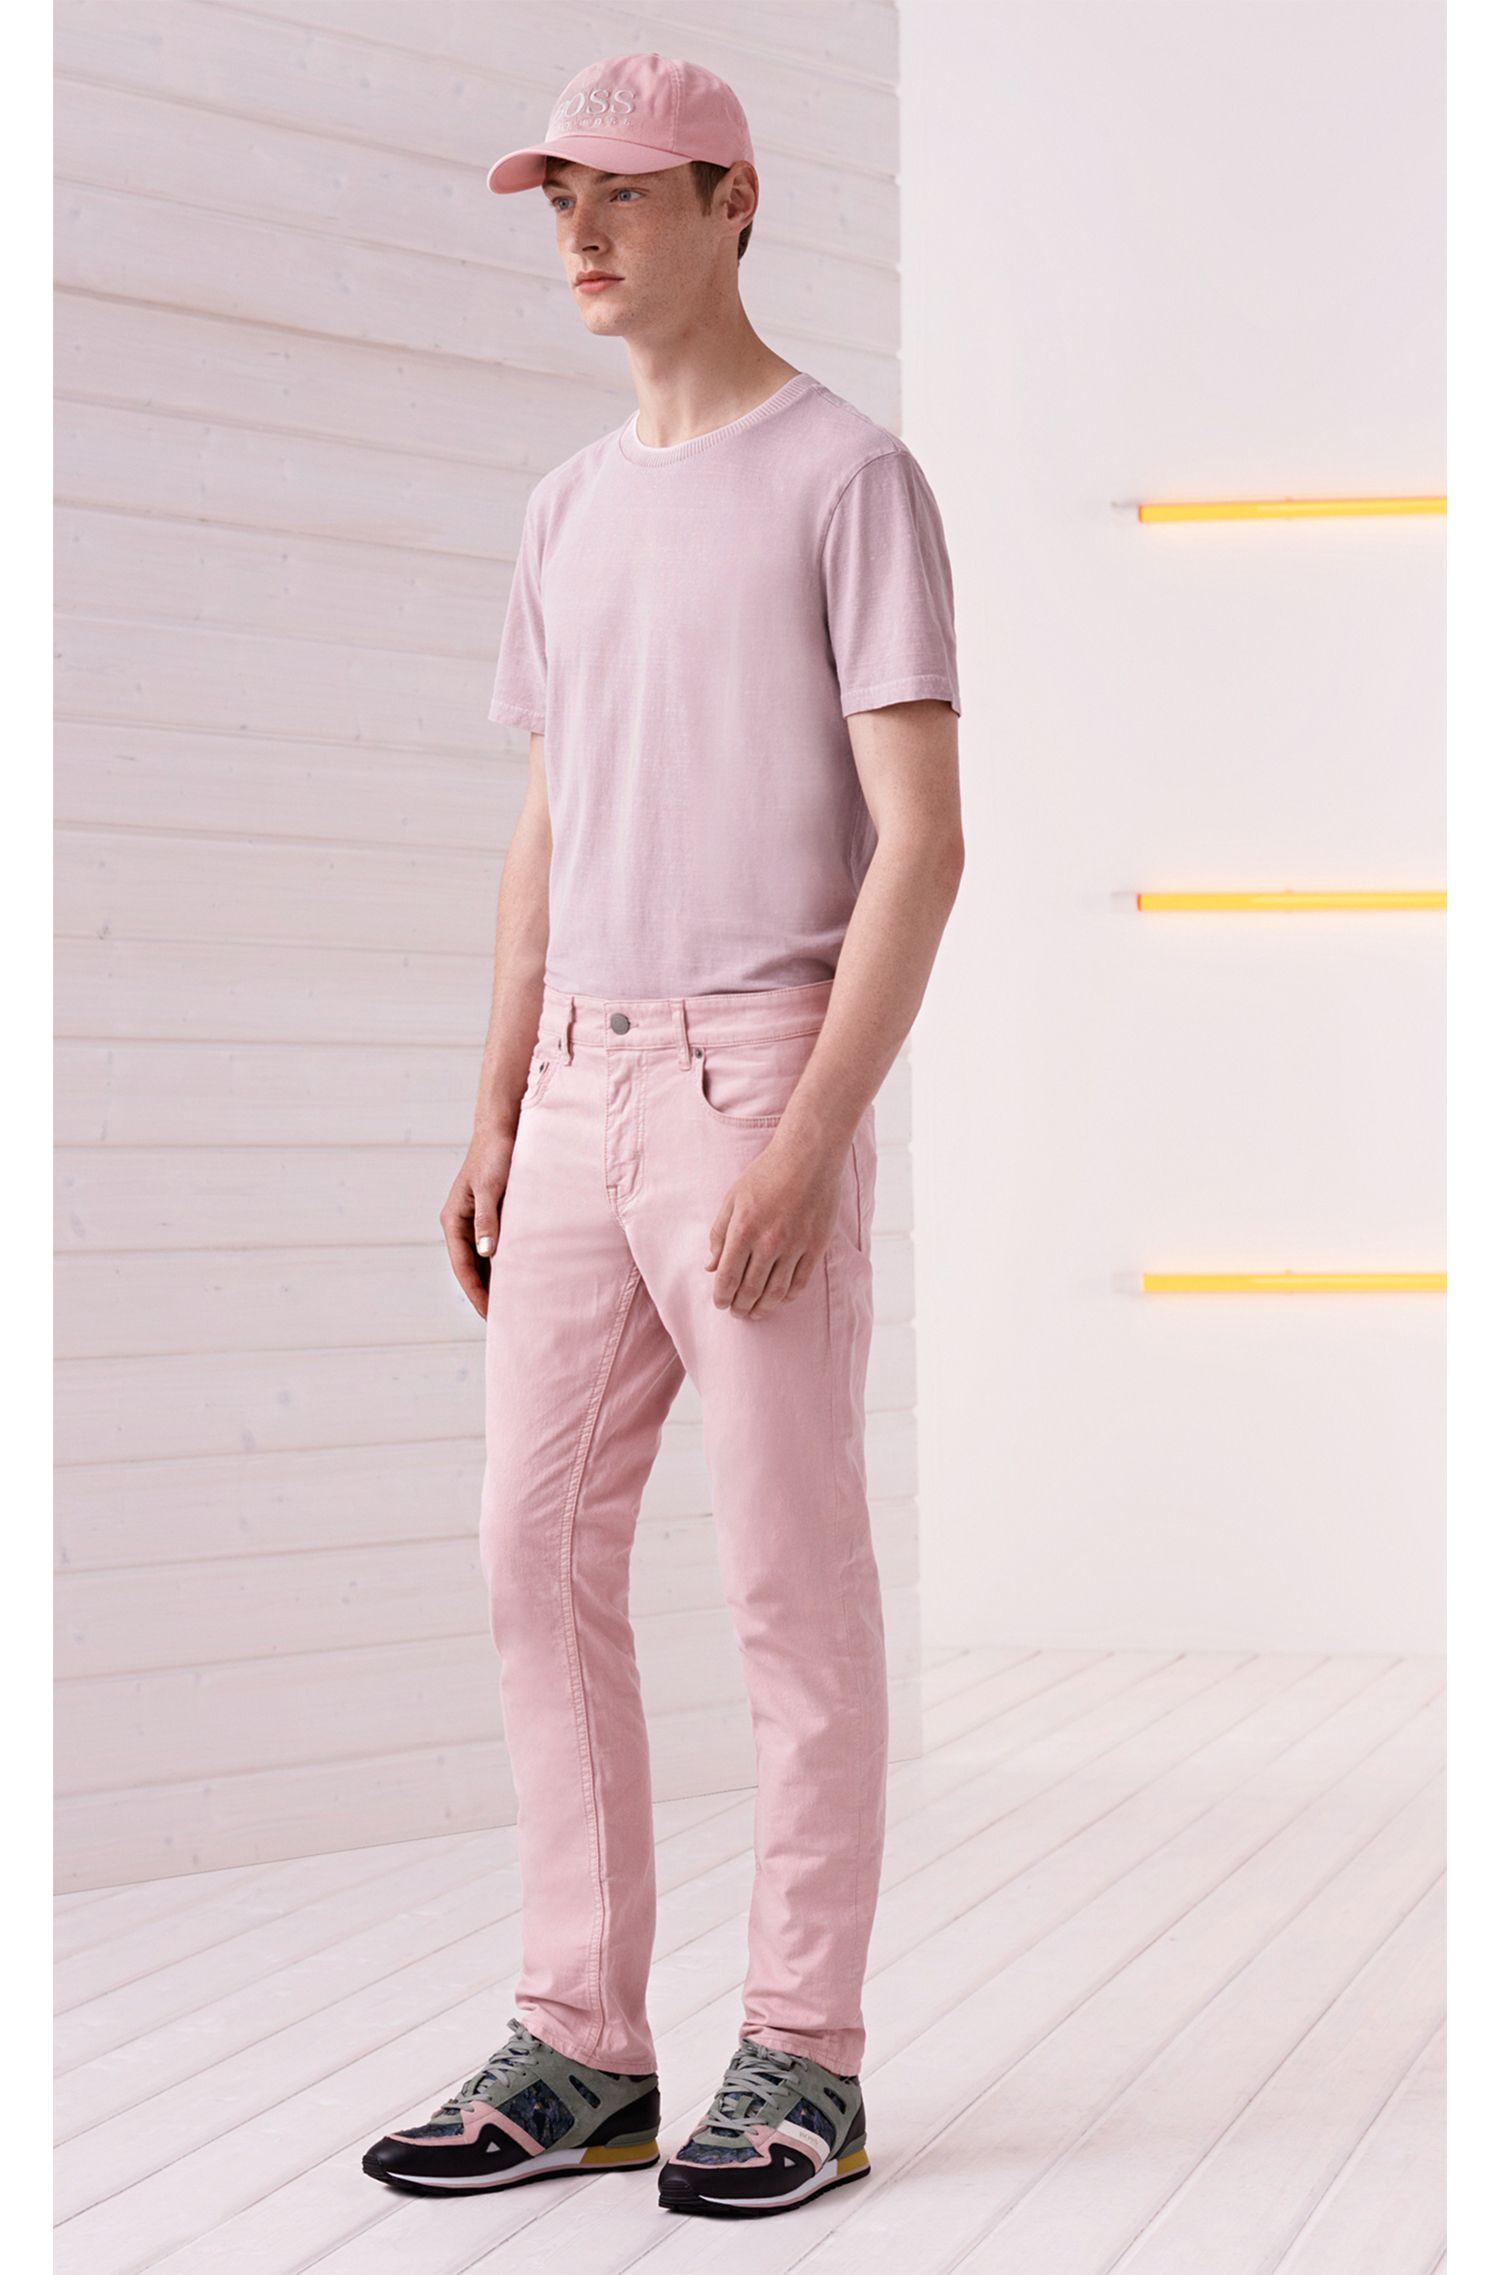 Camiseta relaxed fit en mezcla de algodón flameado y lavado